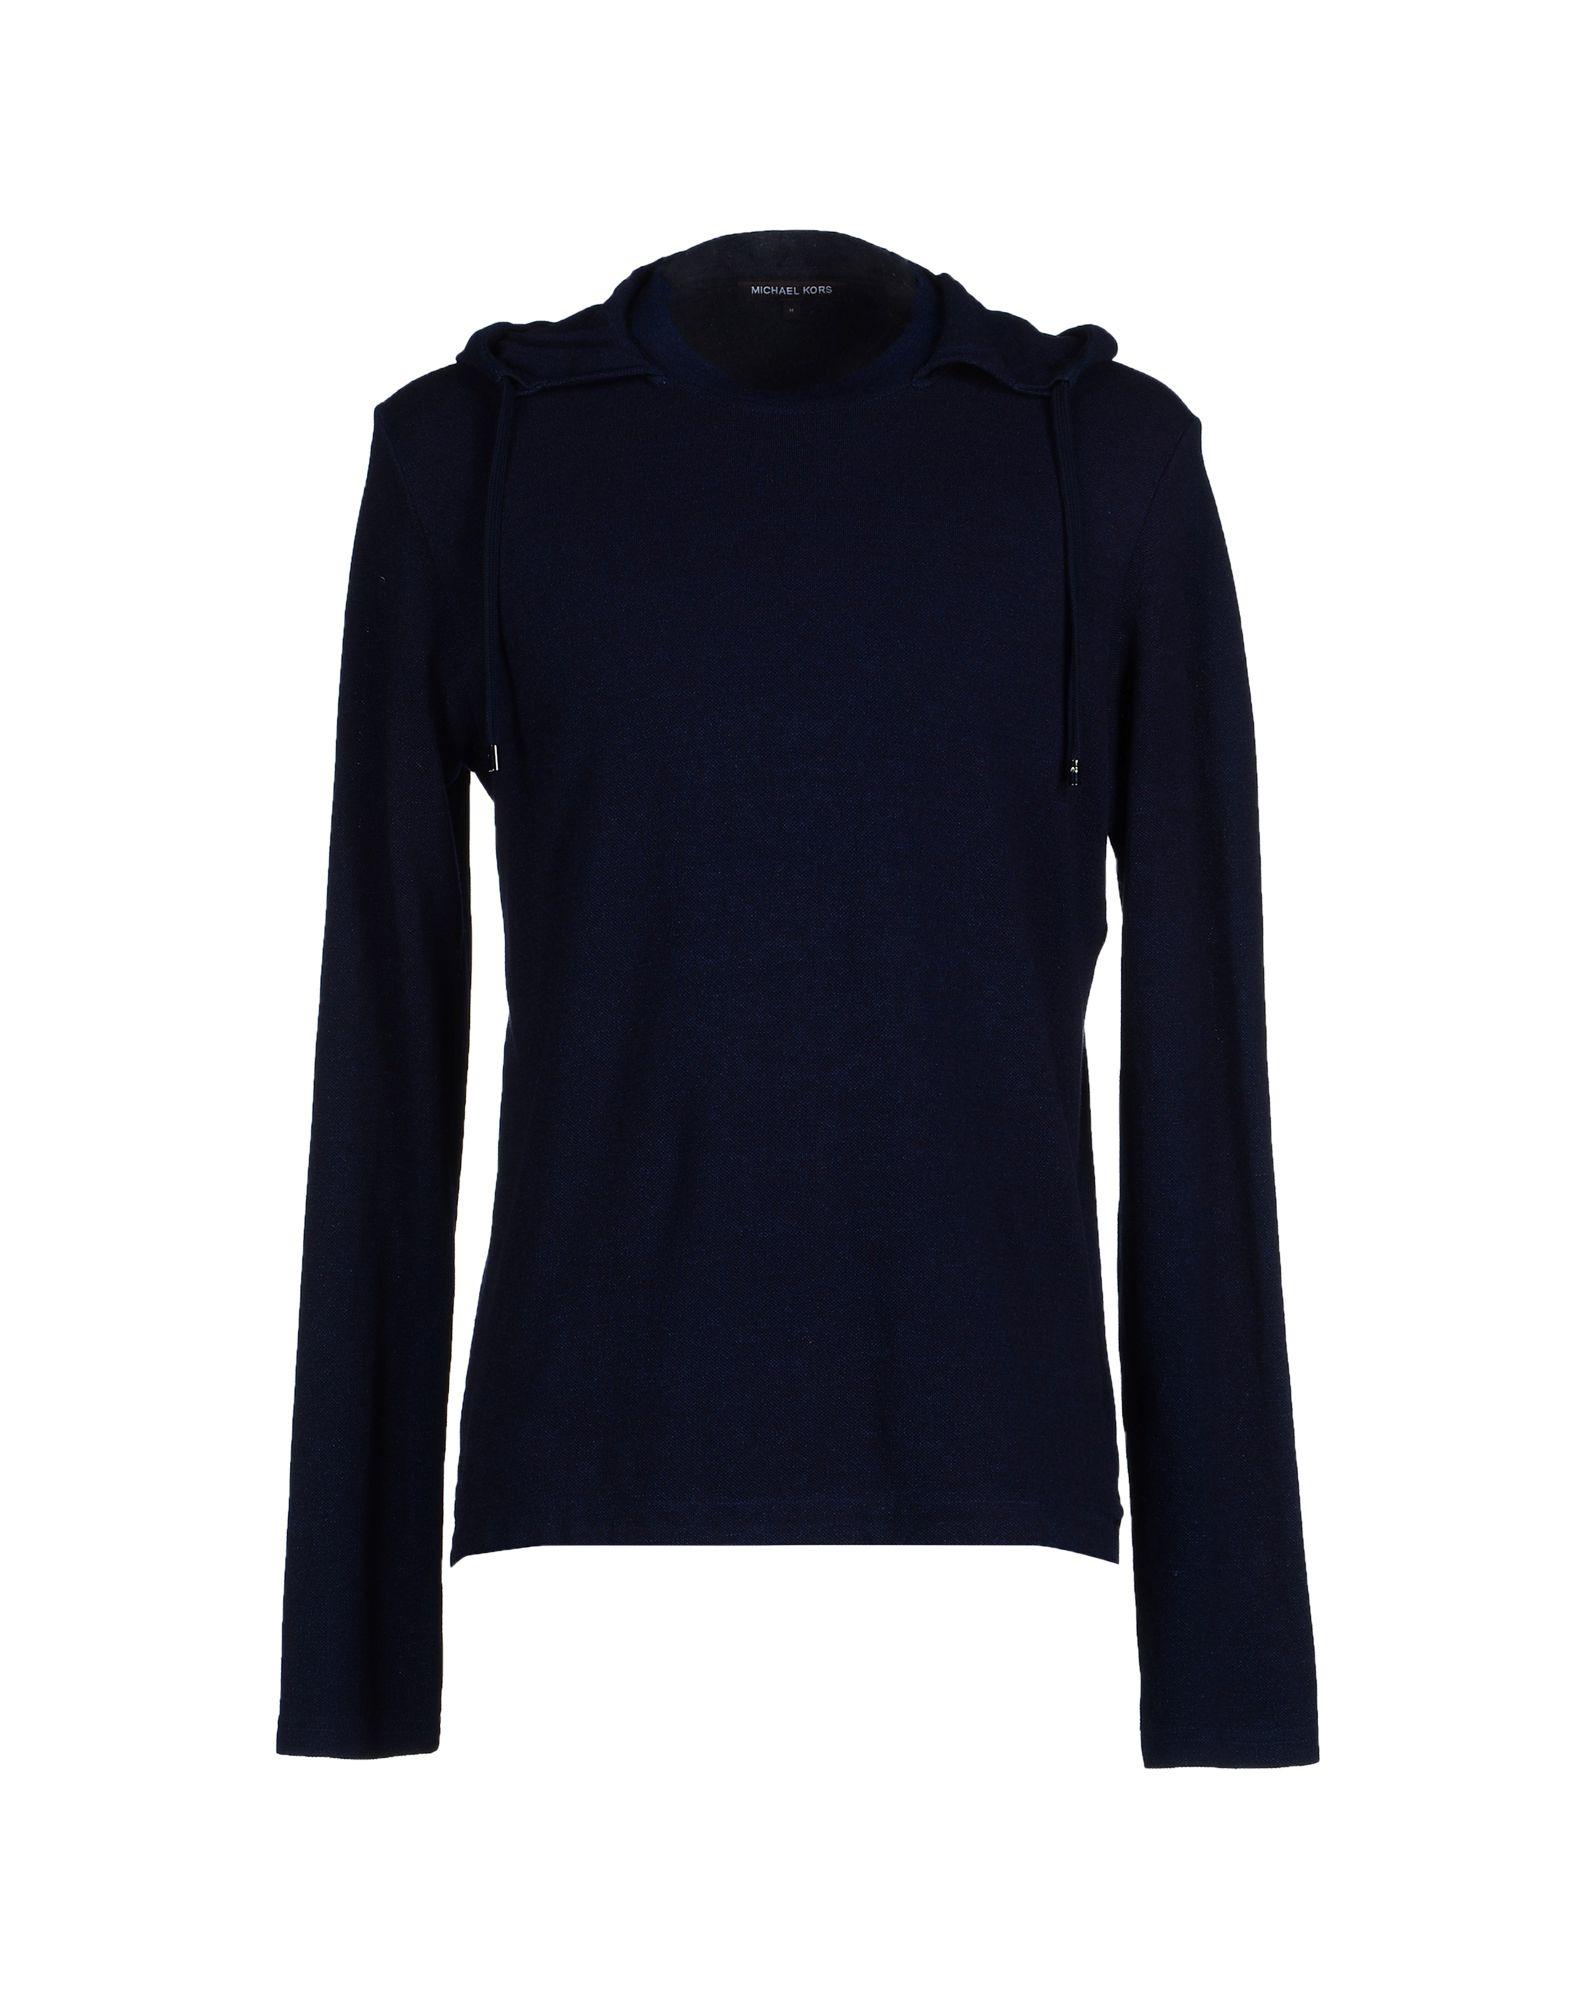 michael kors t shirt in blue for men lyst. Black Bedroom Furniture Sets. Home Design Ideas